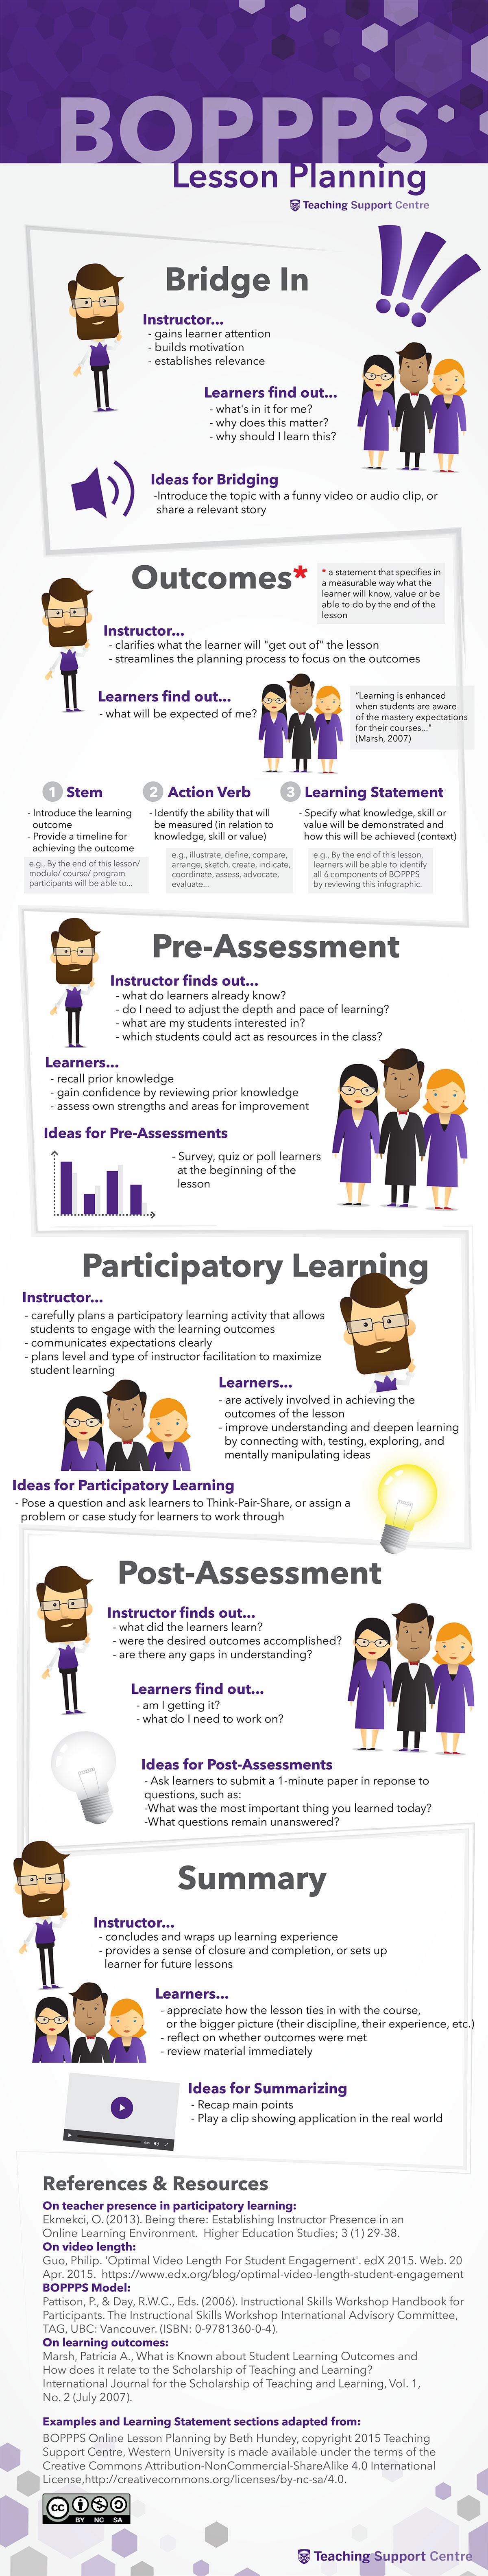 BOPPPS Model for Lesson Planning